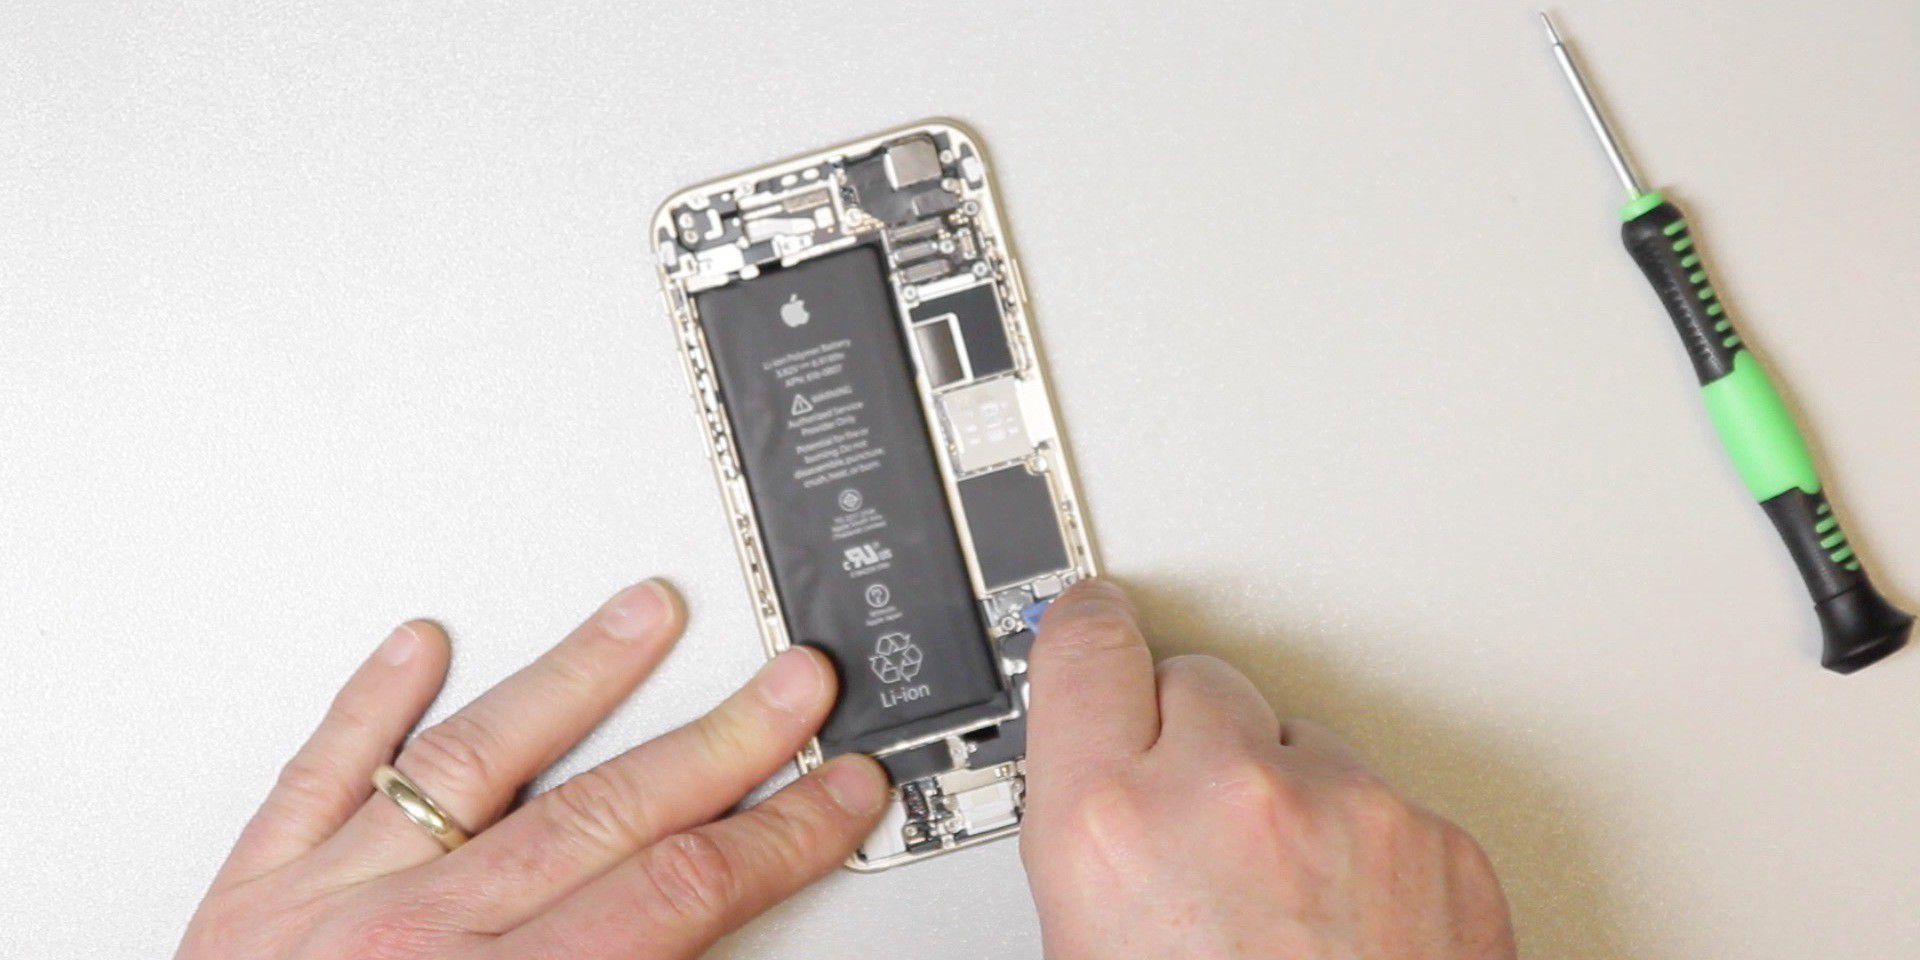 akkutausch beim iphone 6 s schritt f r schritt macwelt. Black Bedroom Furniture Sets. Home Design Ideas